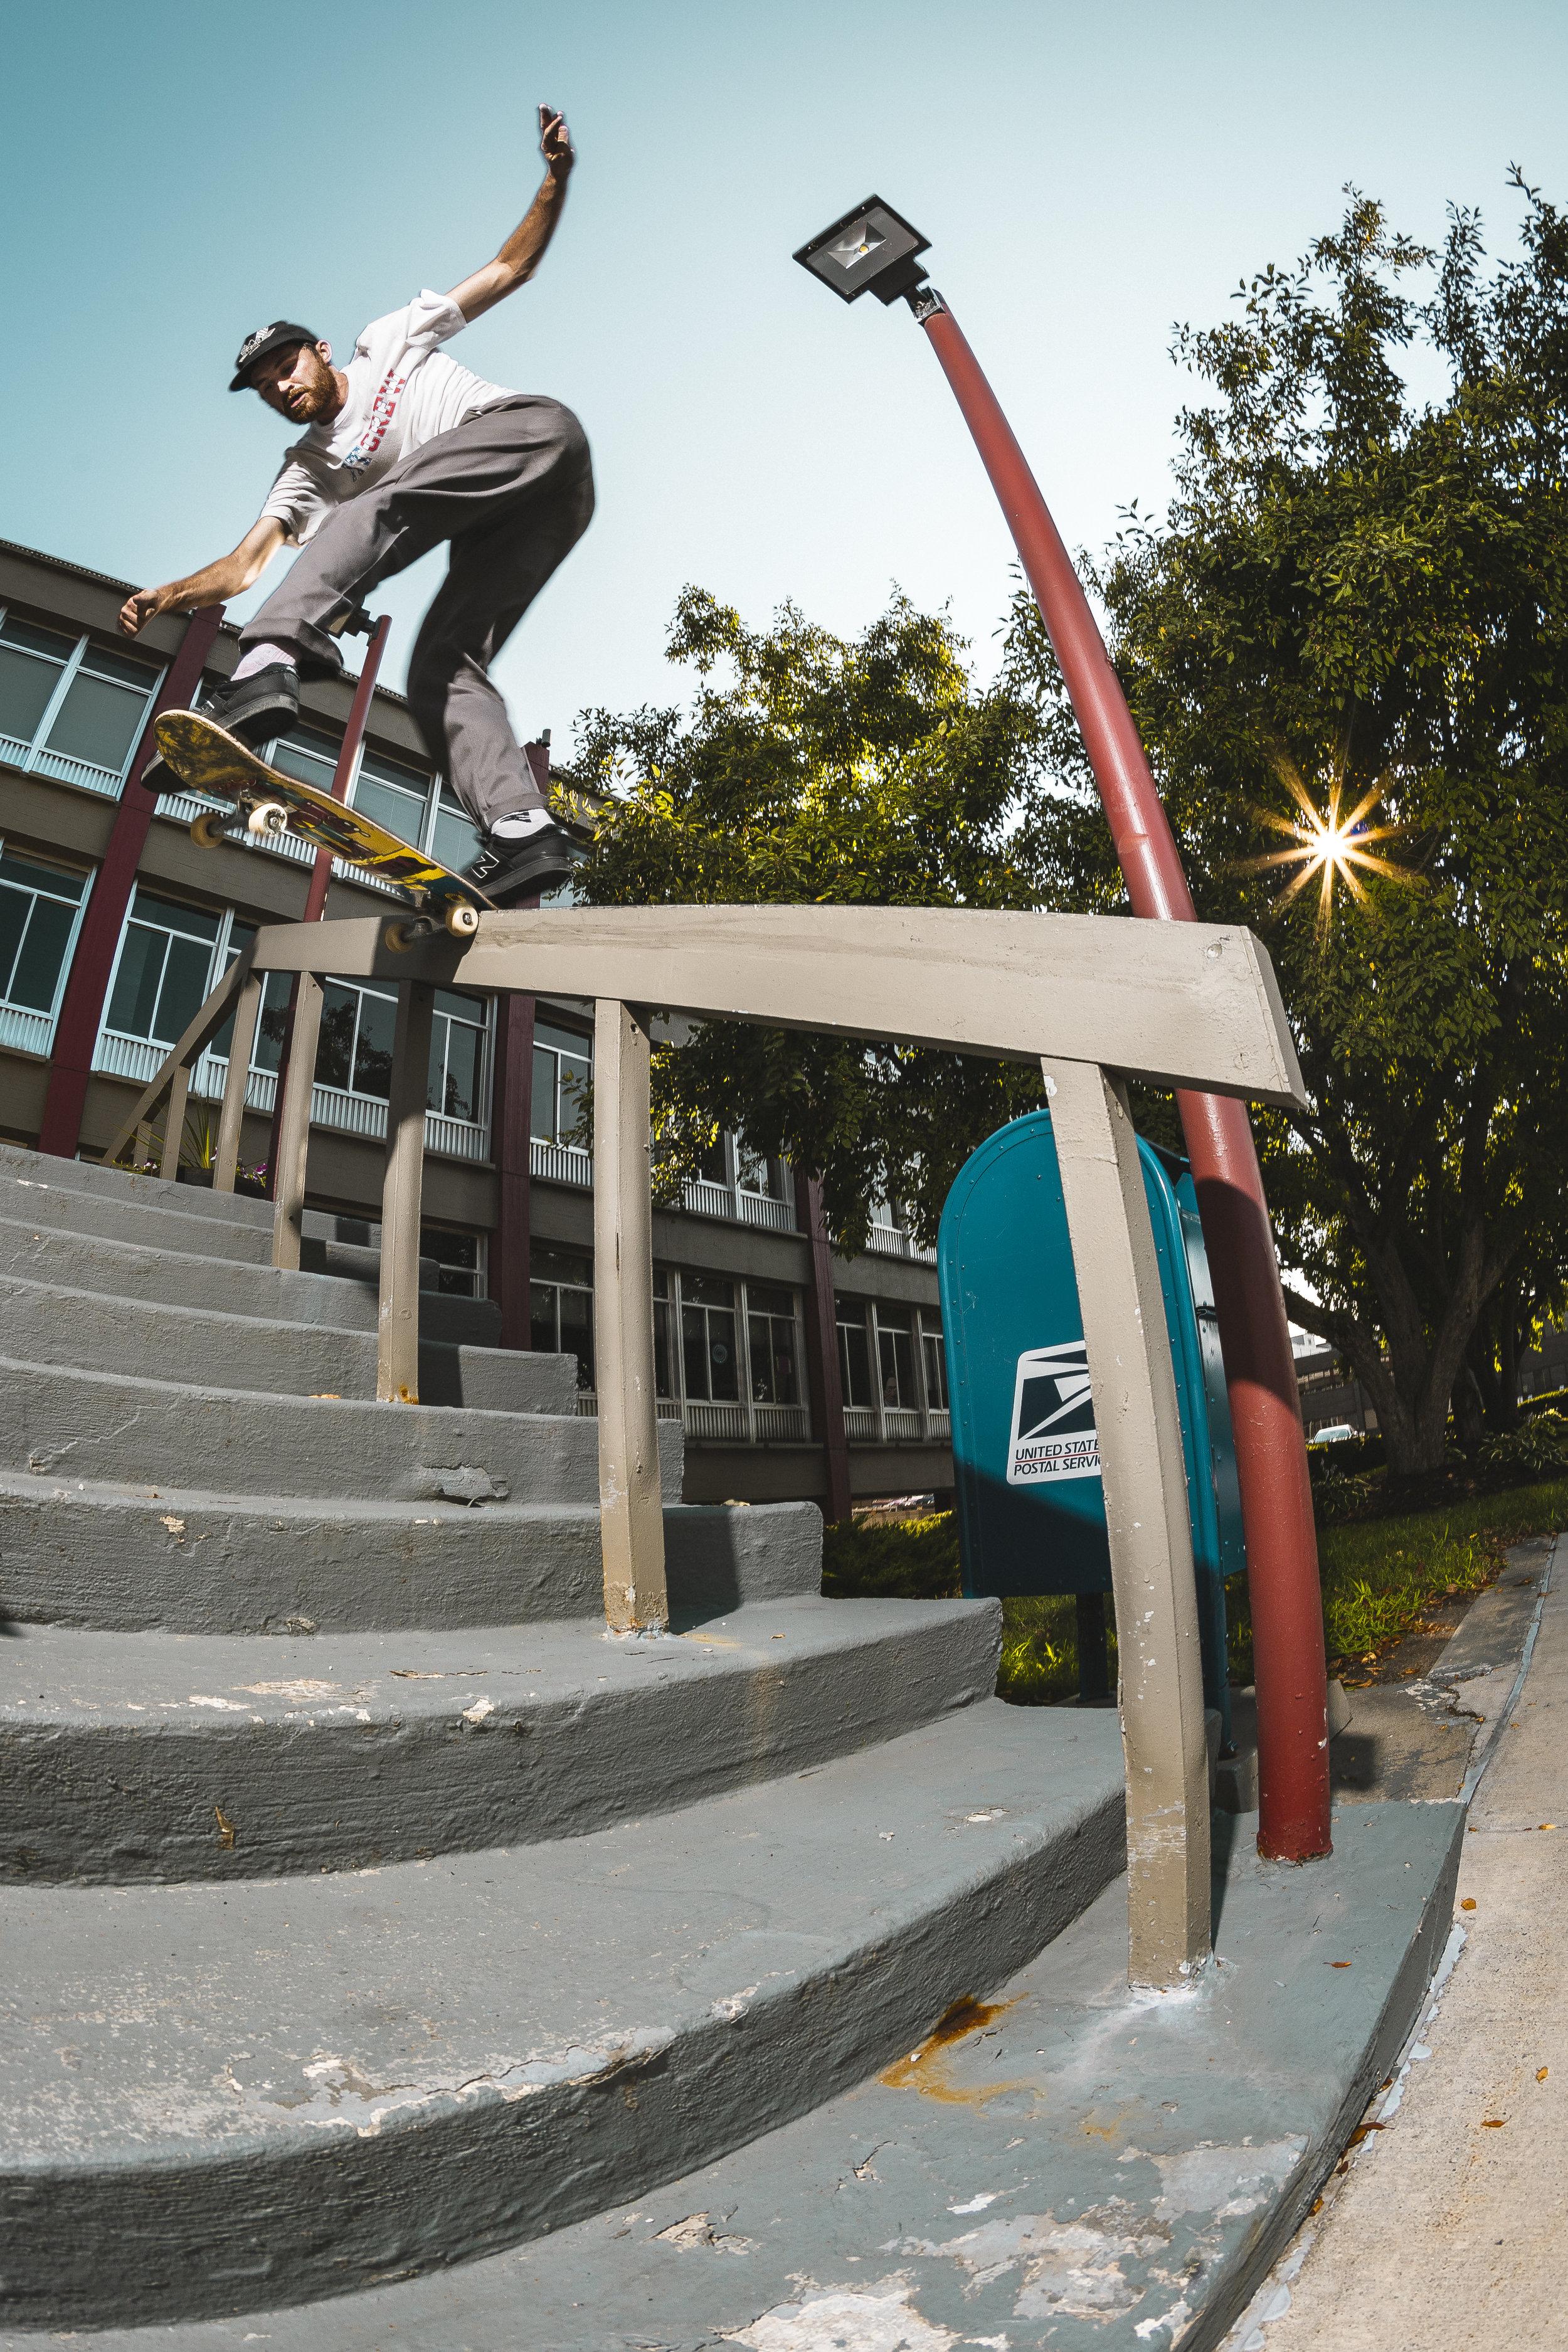 Skateboarding-6.jpg